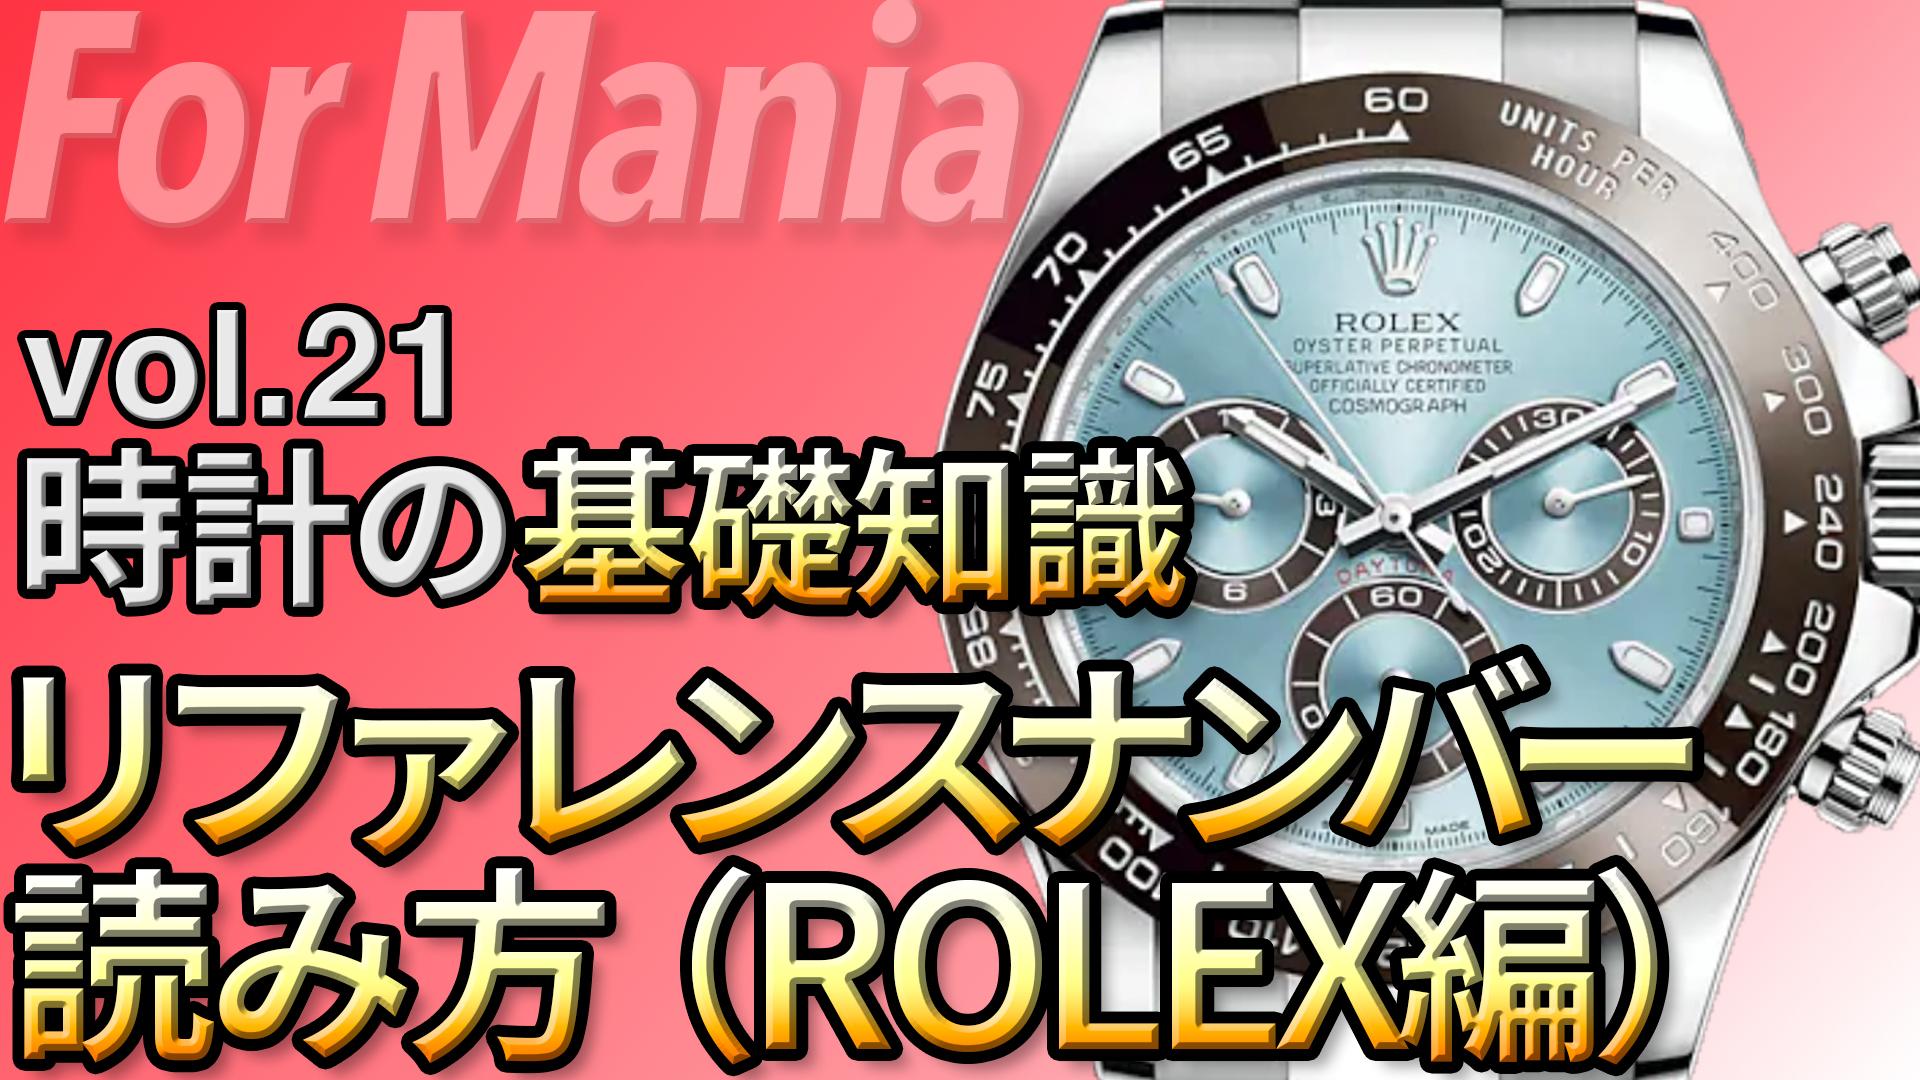 リファレンスナンバーの読み方 【ROLEX編】